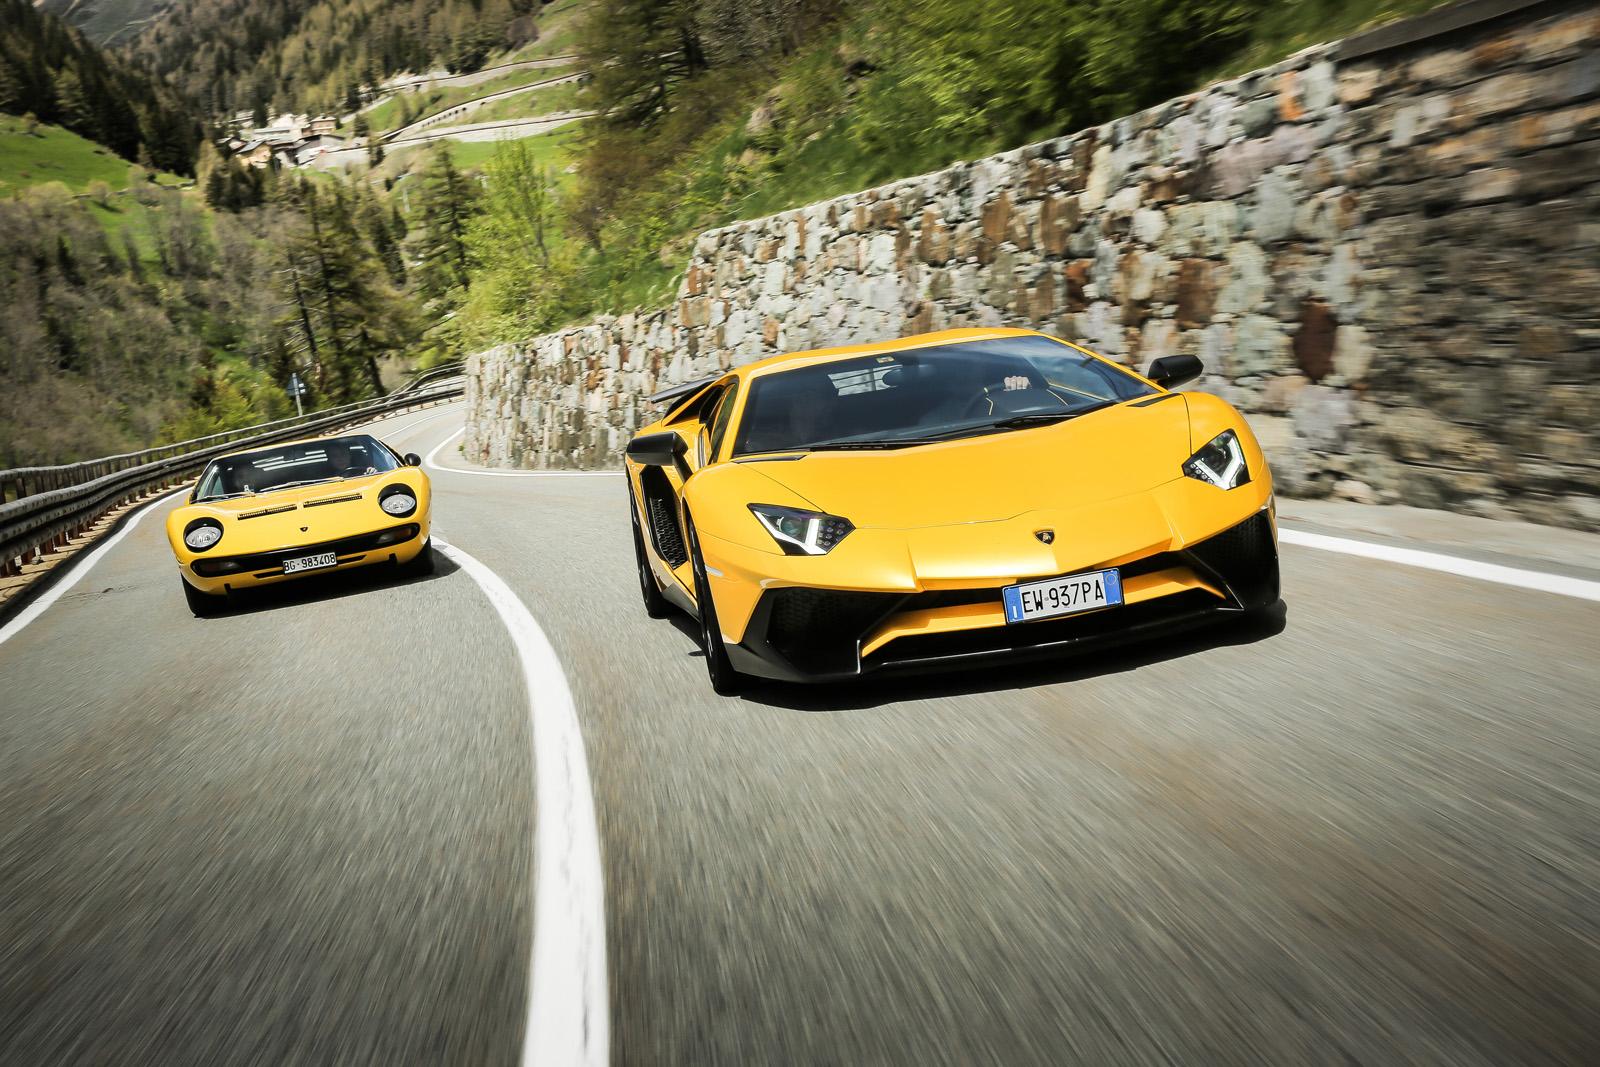 Lamborghini Miura The Italian Job 11 28